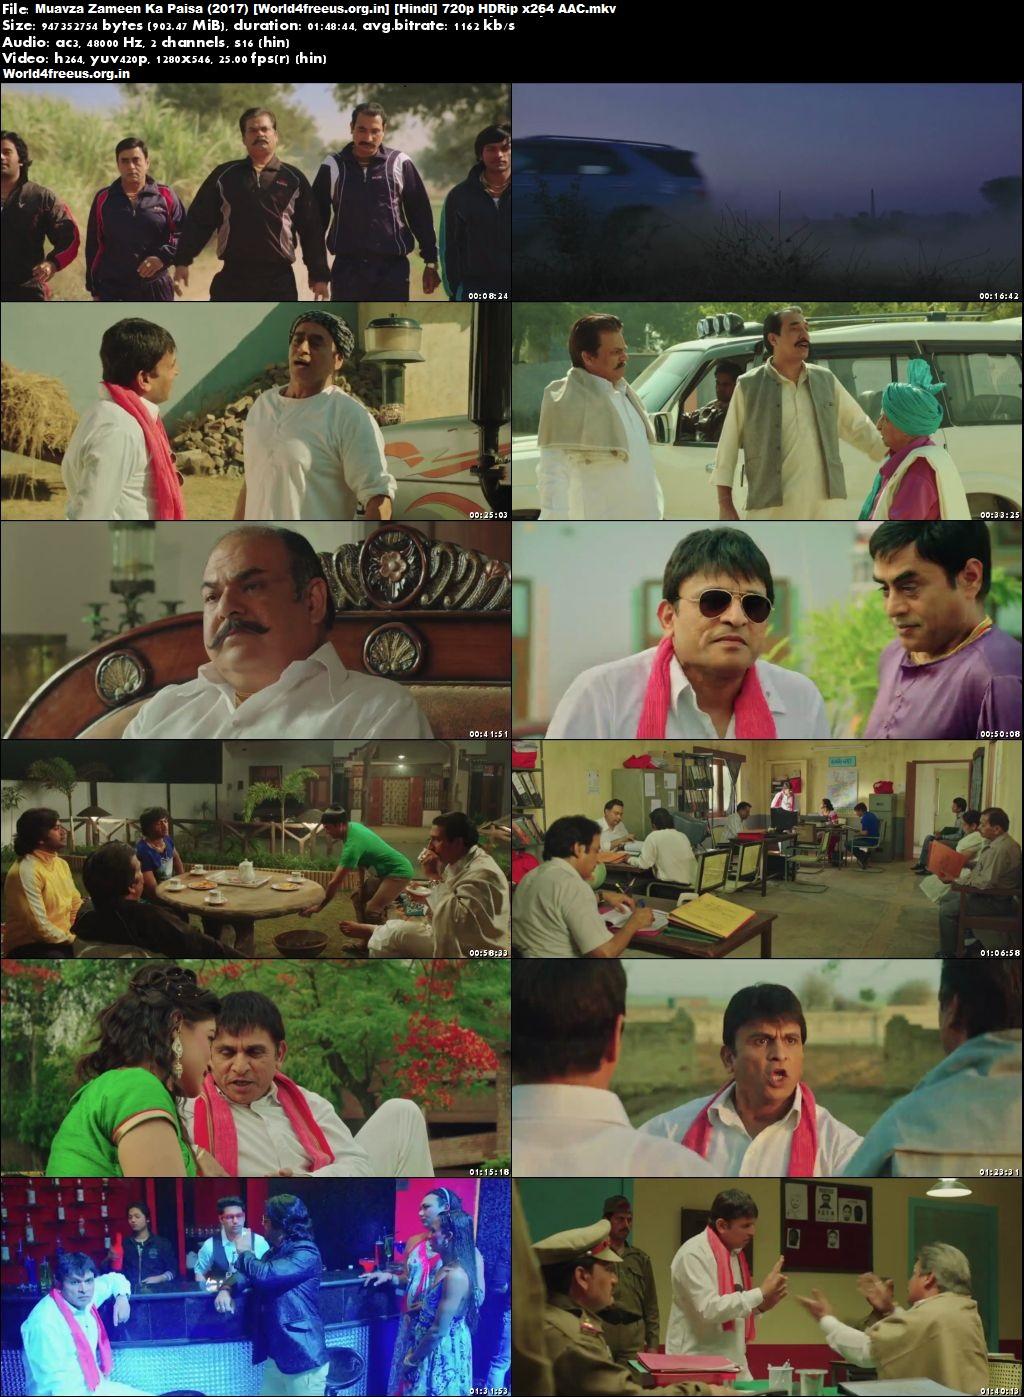 Muavza Zameen Ka Paisa 2017 Full Hindi Movie Download 720p HD